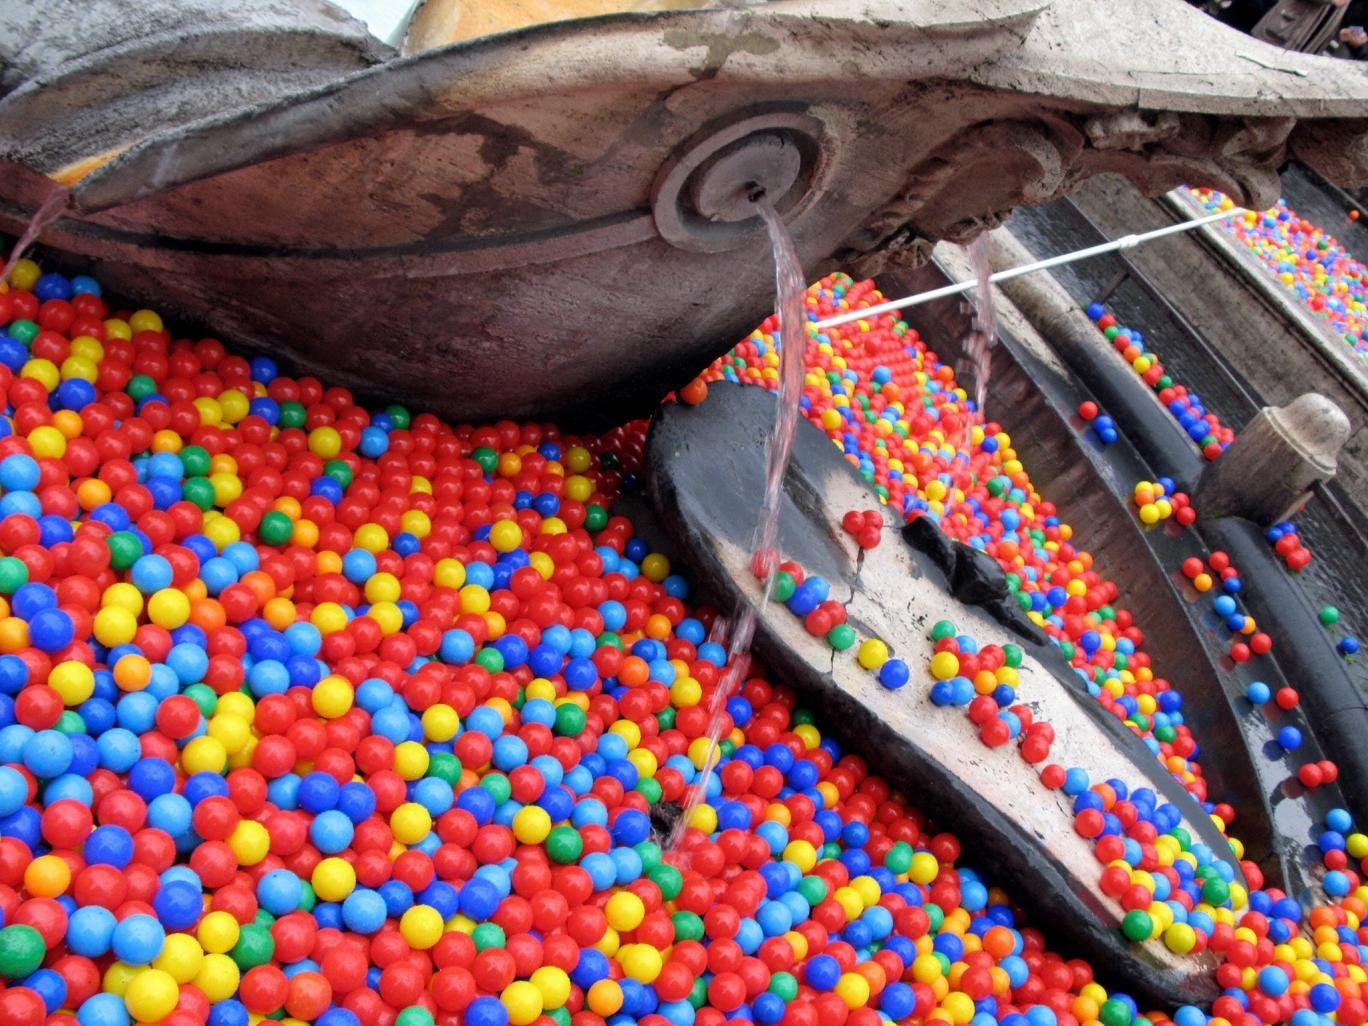 Graziano Cecchini unleashed colourful balls into Rome's Trevi Fountain